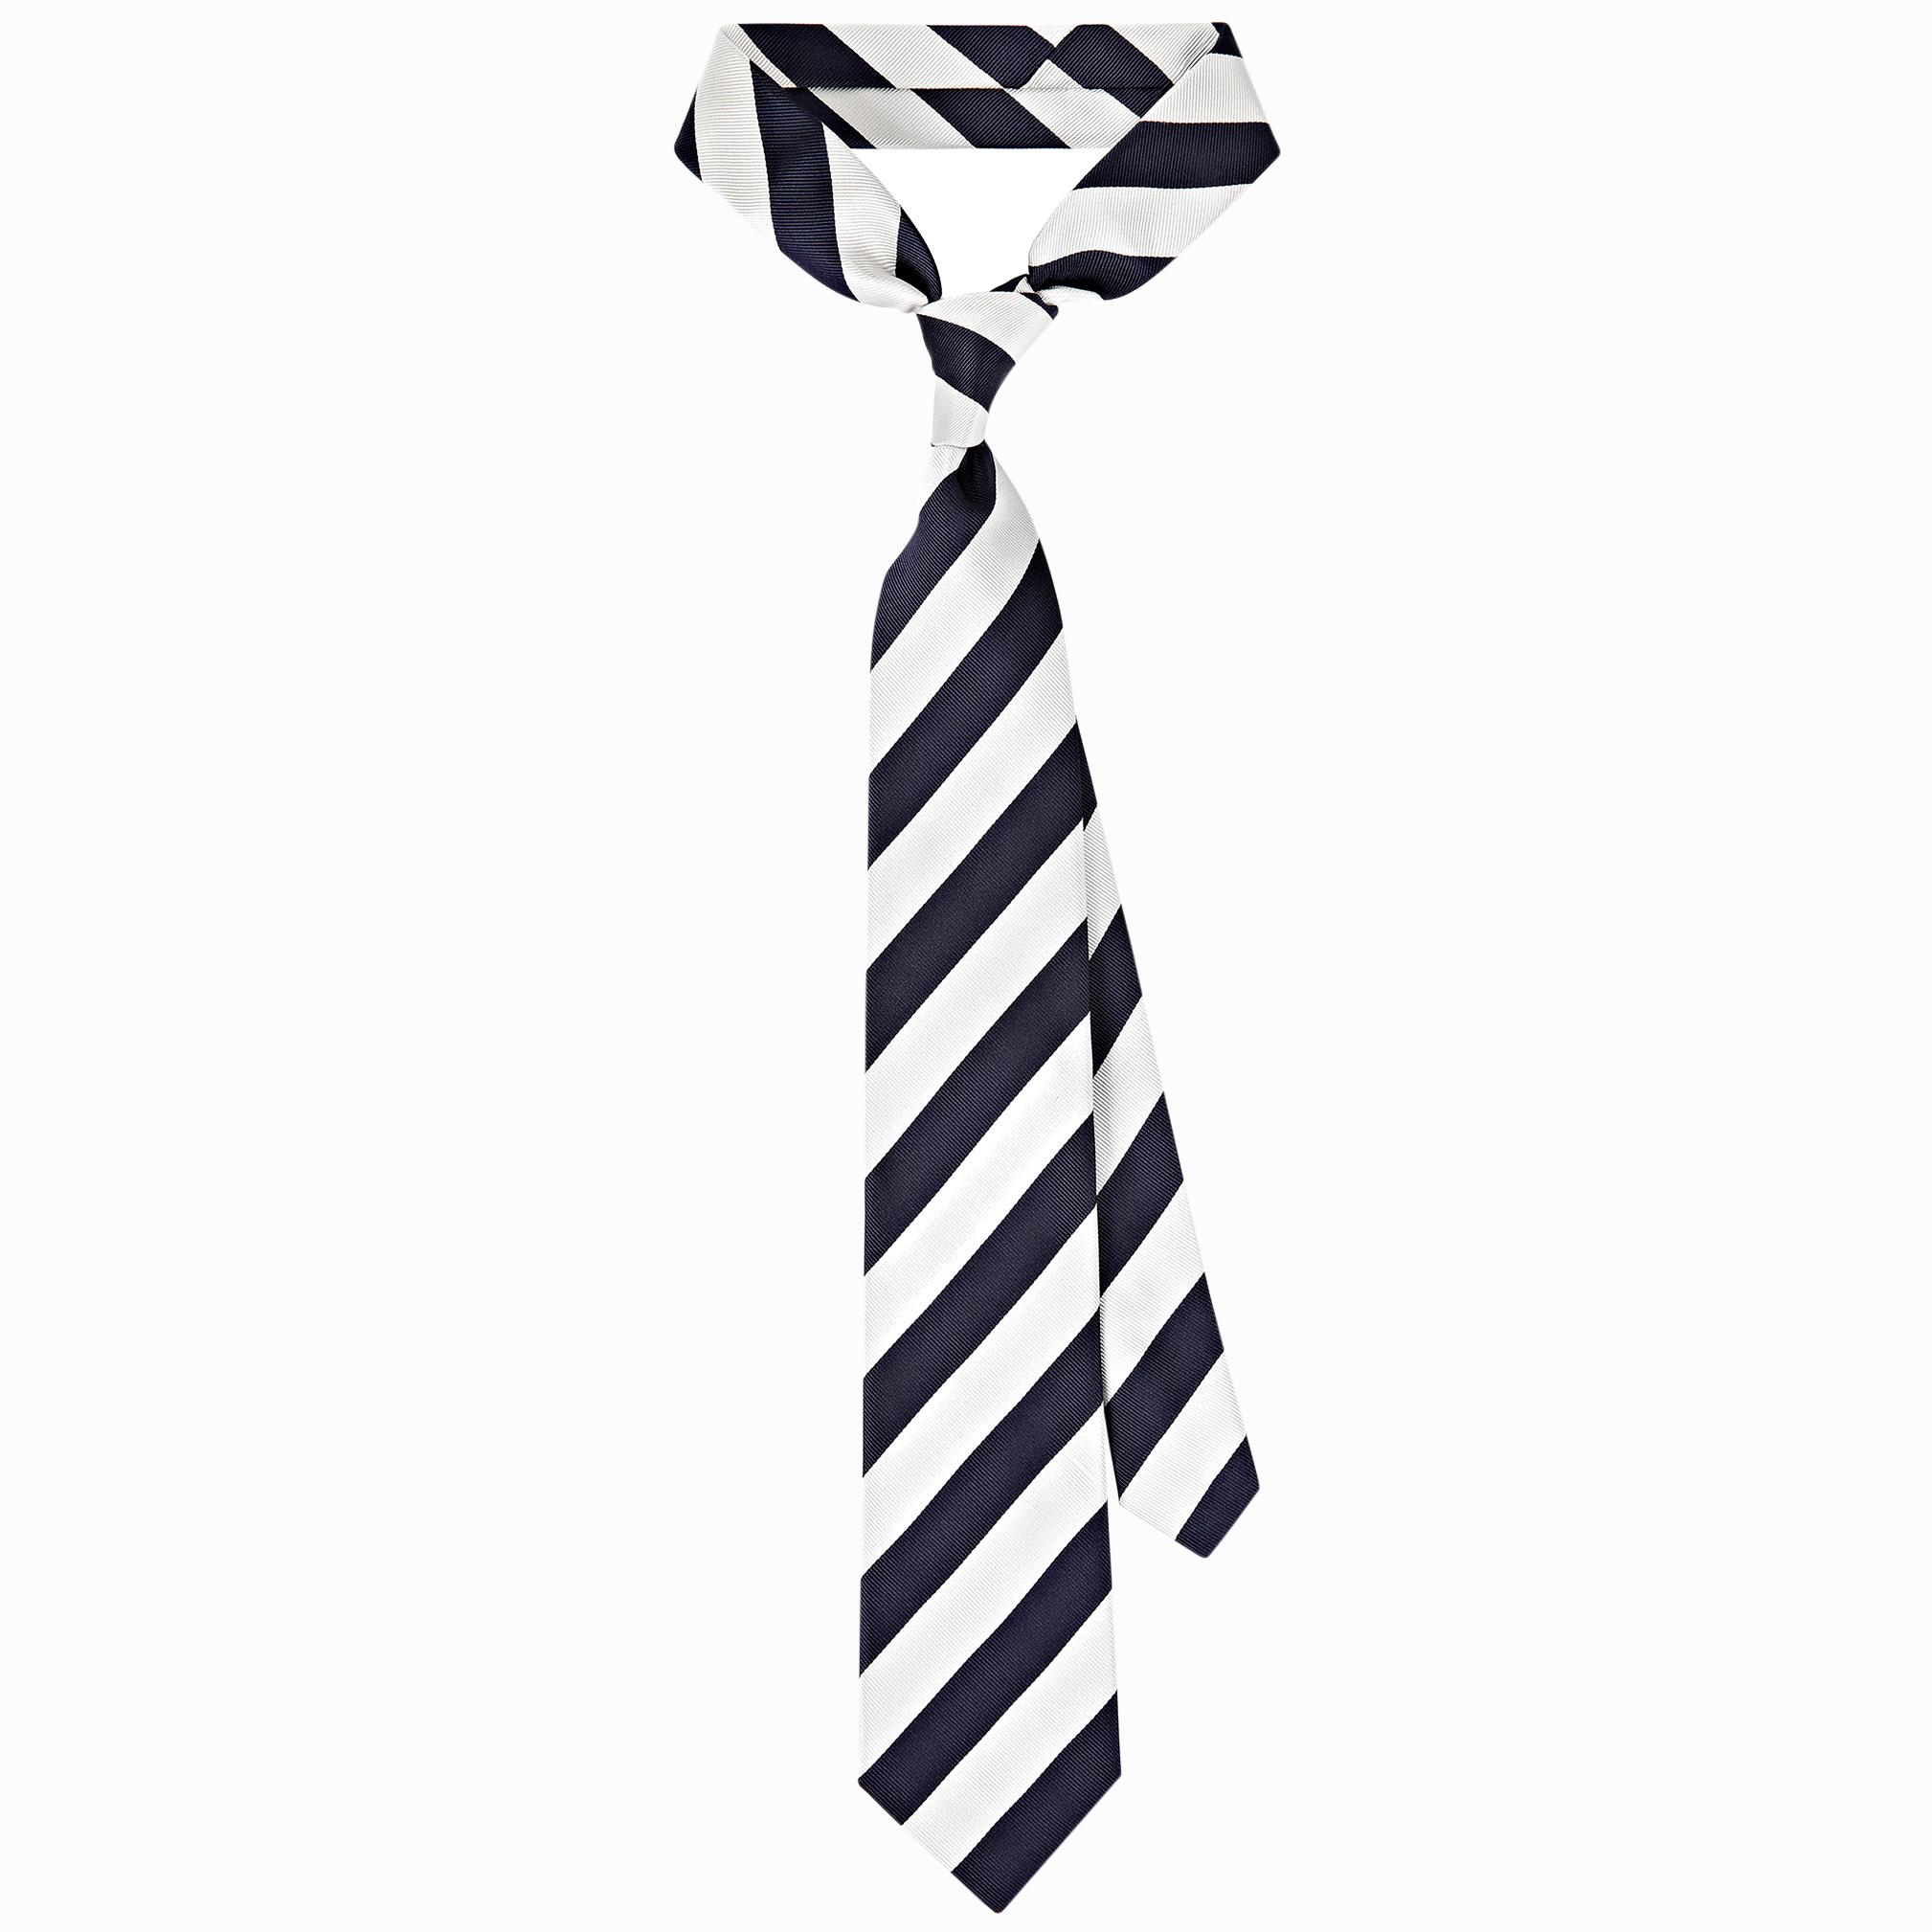 4_Tie_Club Stripe_Navy Silver.jpg